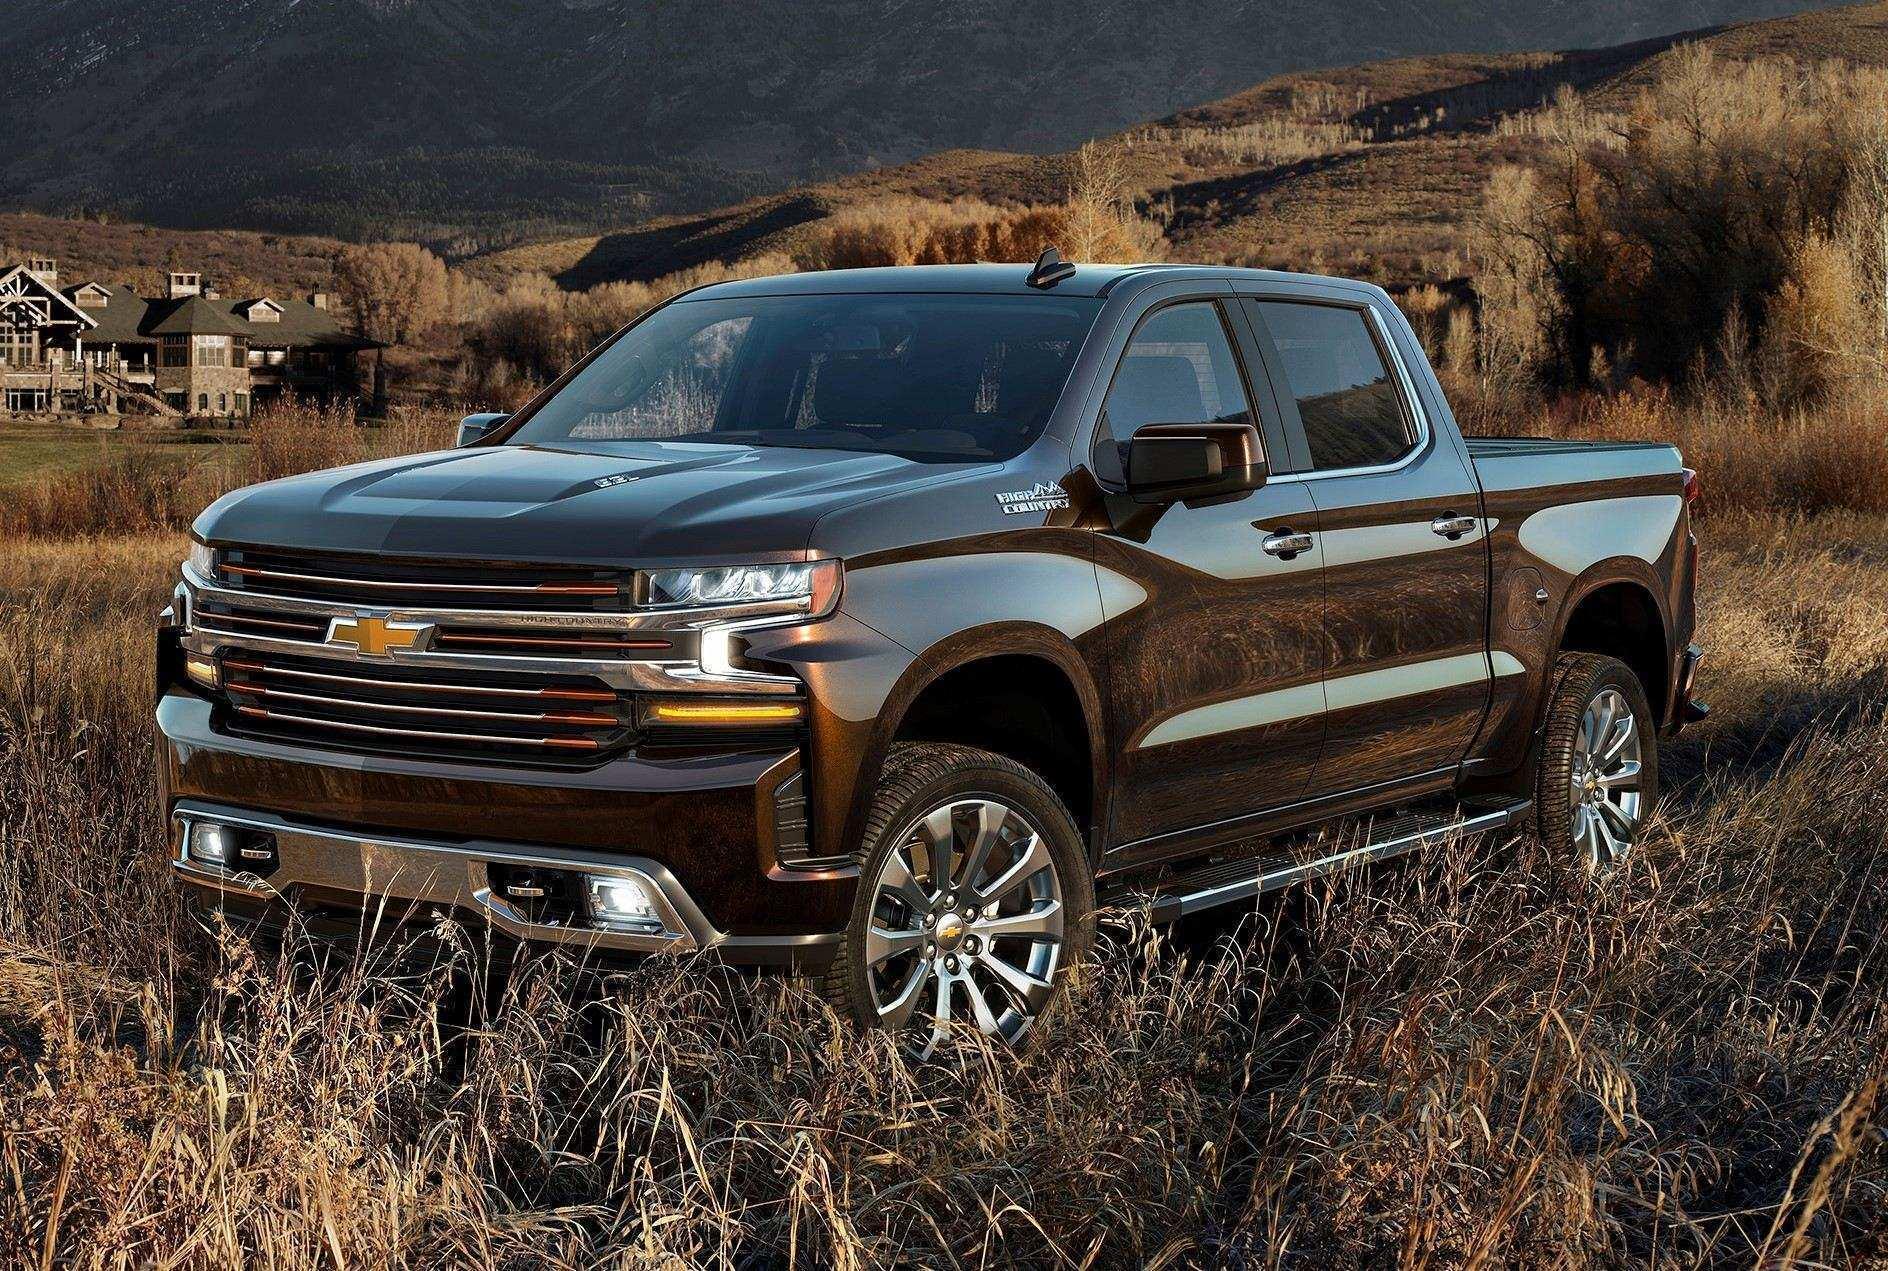 51 Great 2019 Chevrolet Diesel Spy Shoot with 2019 Chevrolet Diesel